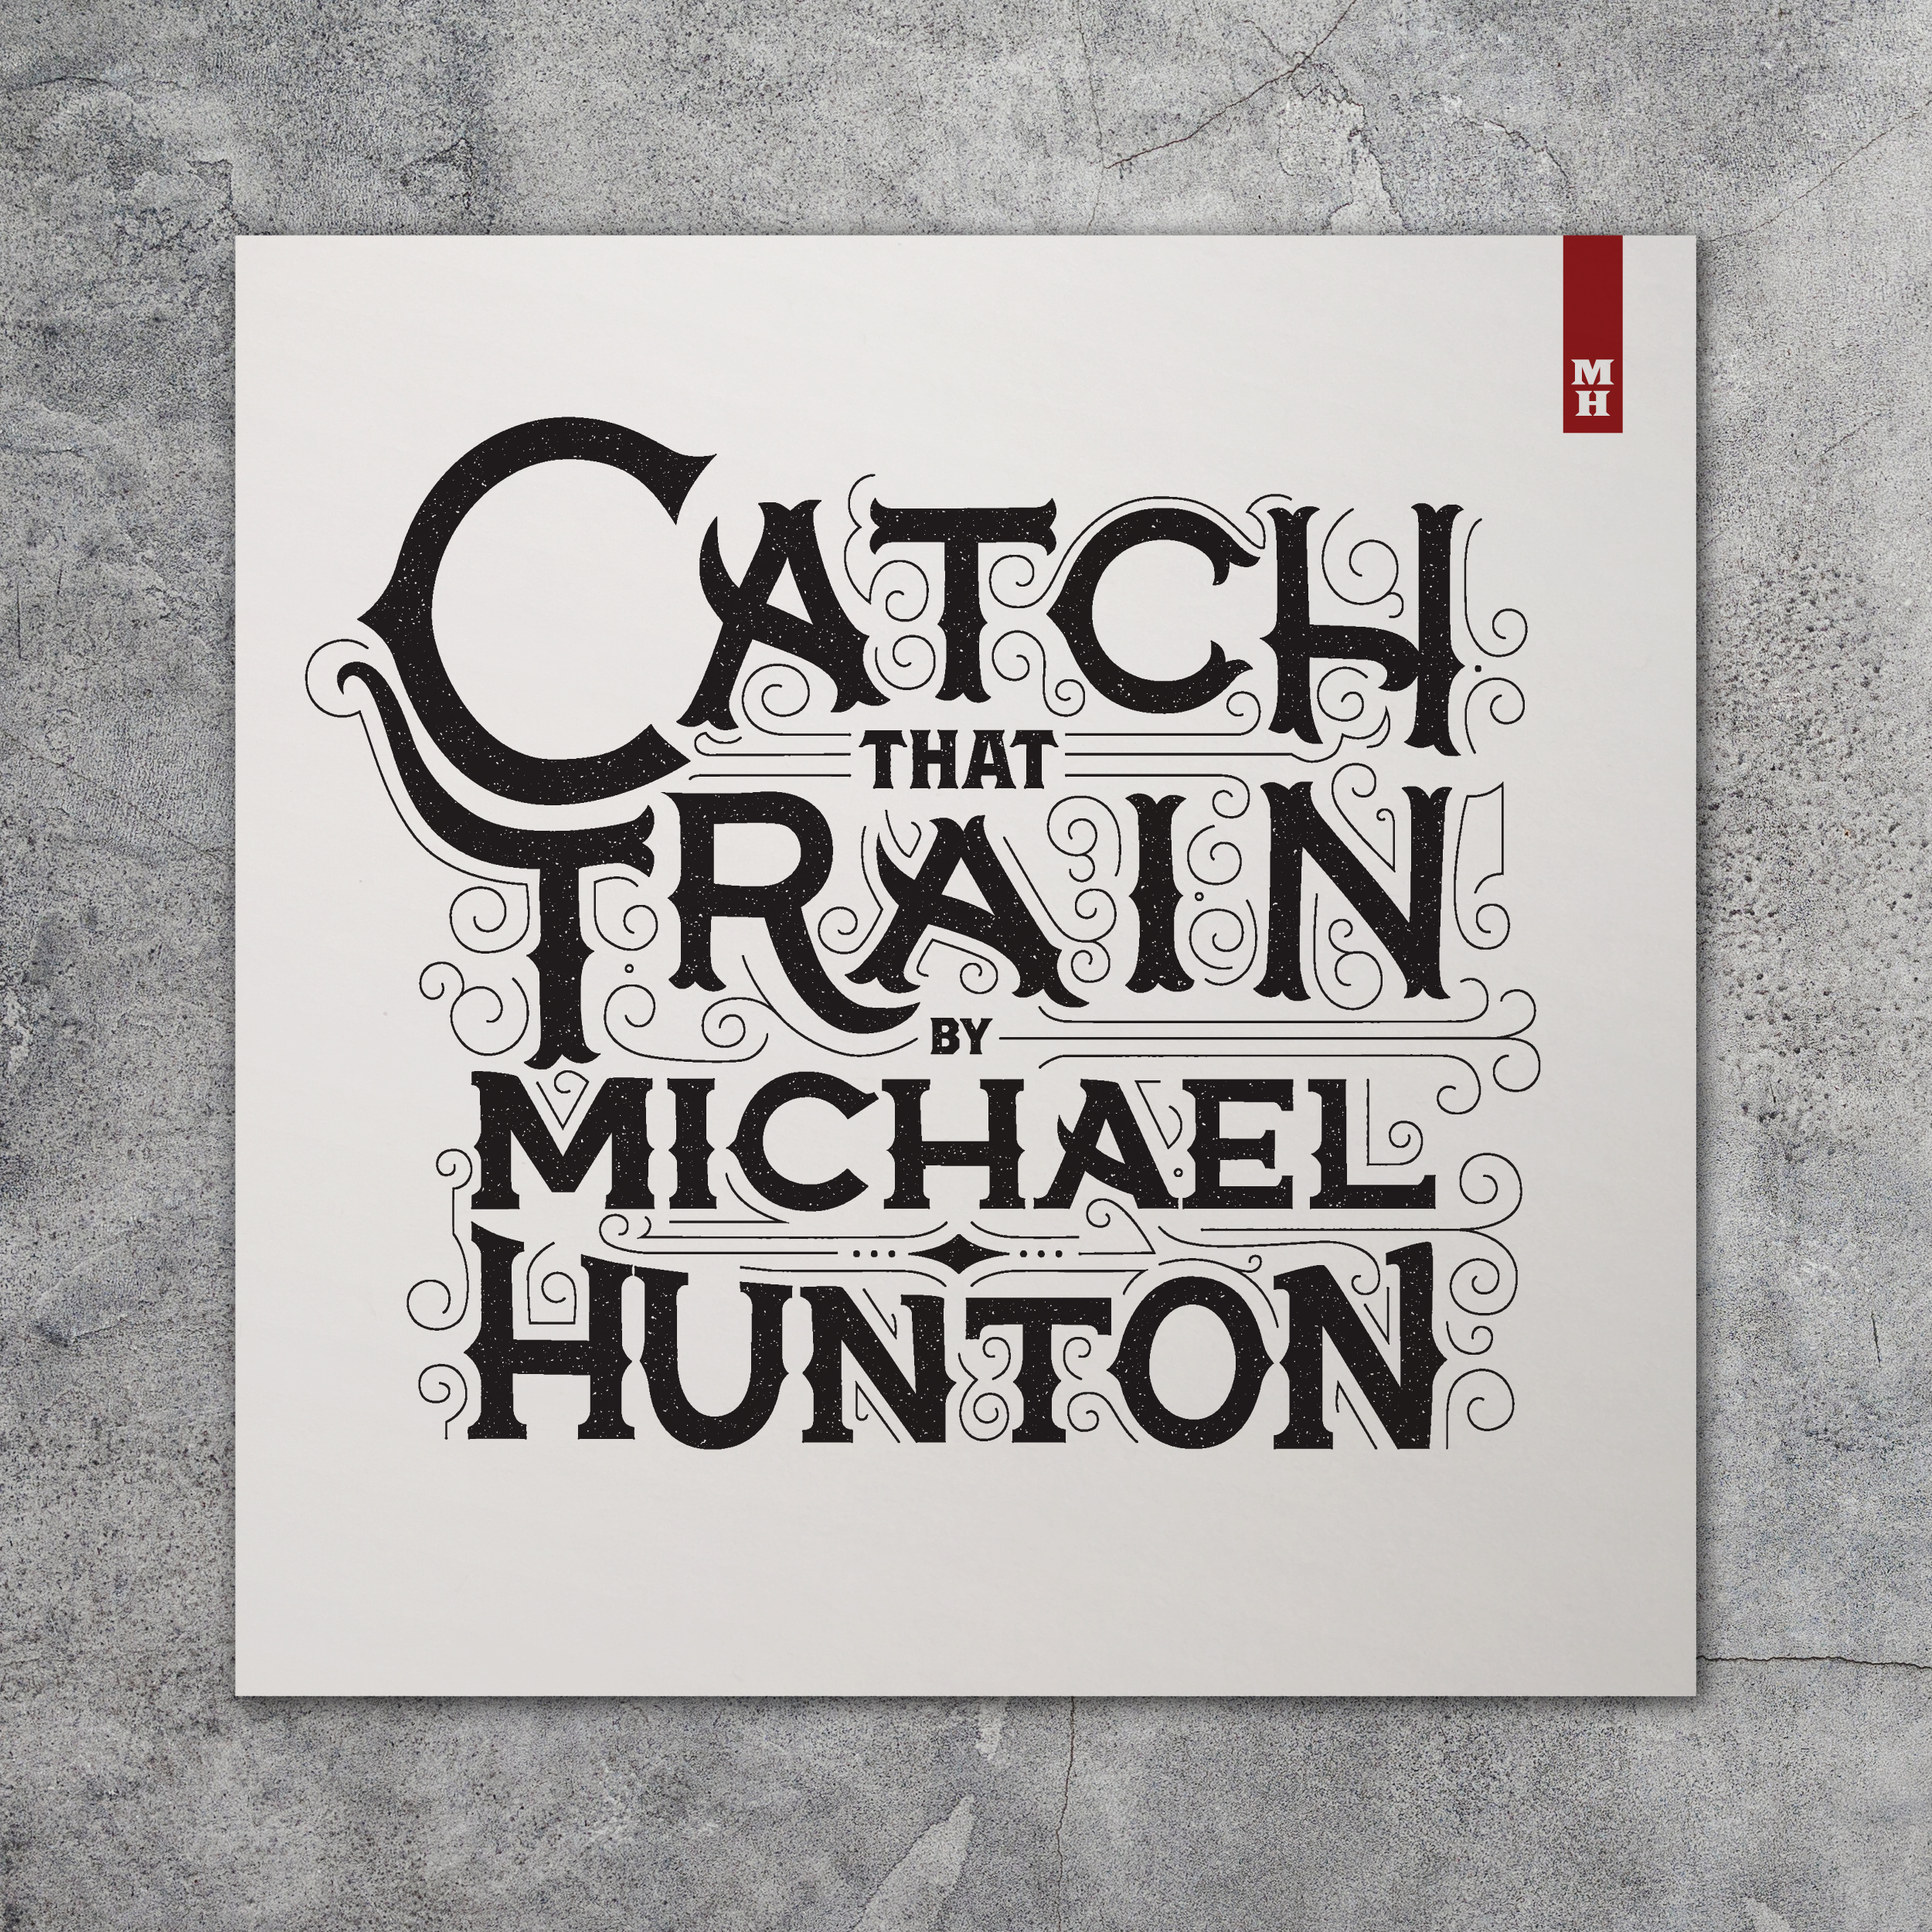 Catch That Train  Album Art & Design